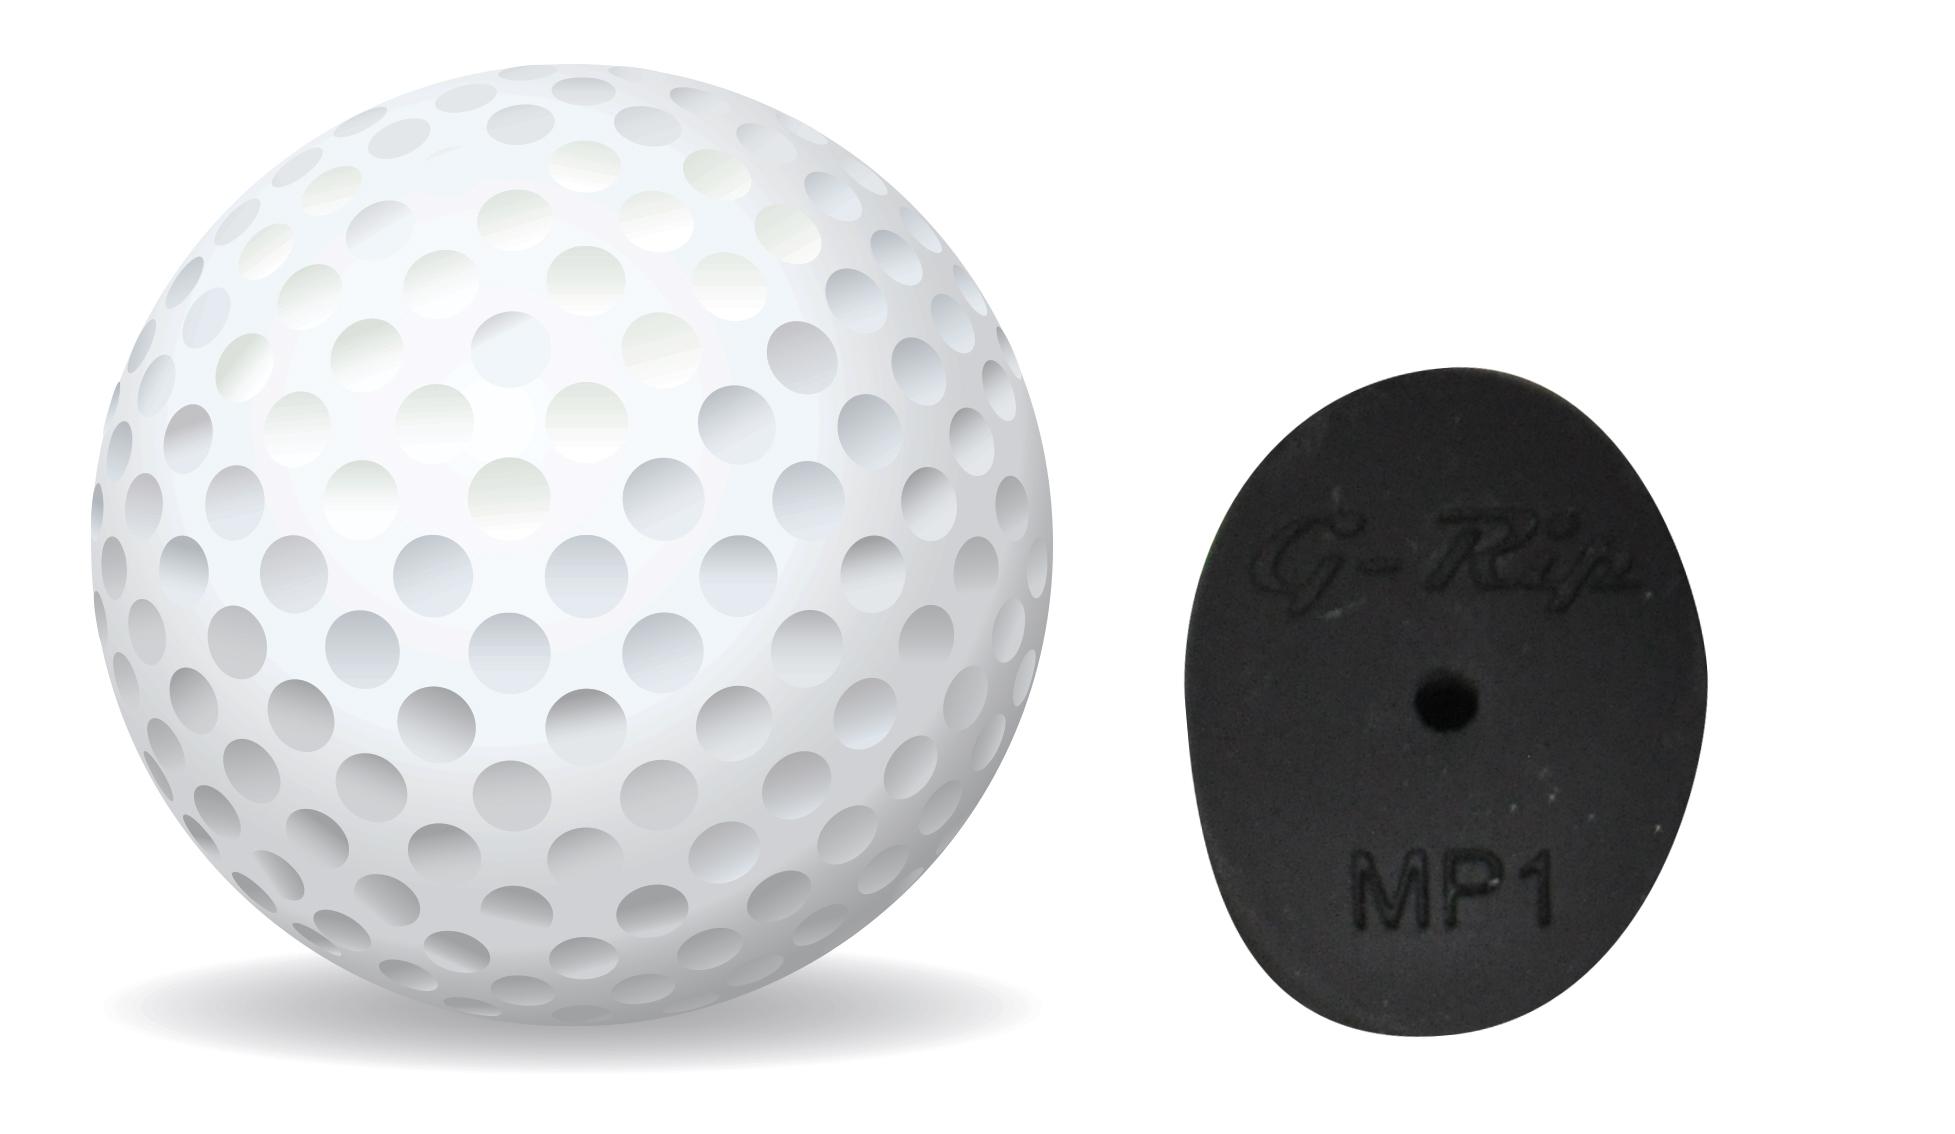 G-Rip – MP-1 Size Comparison 1